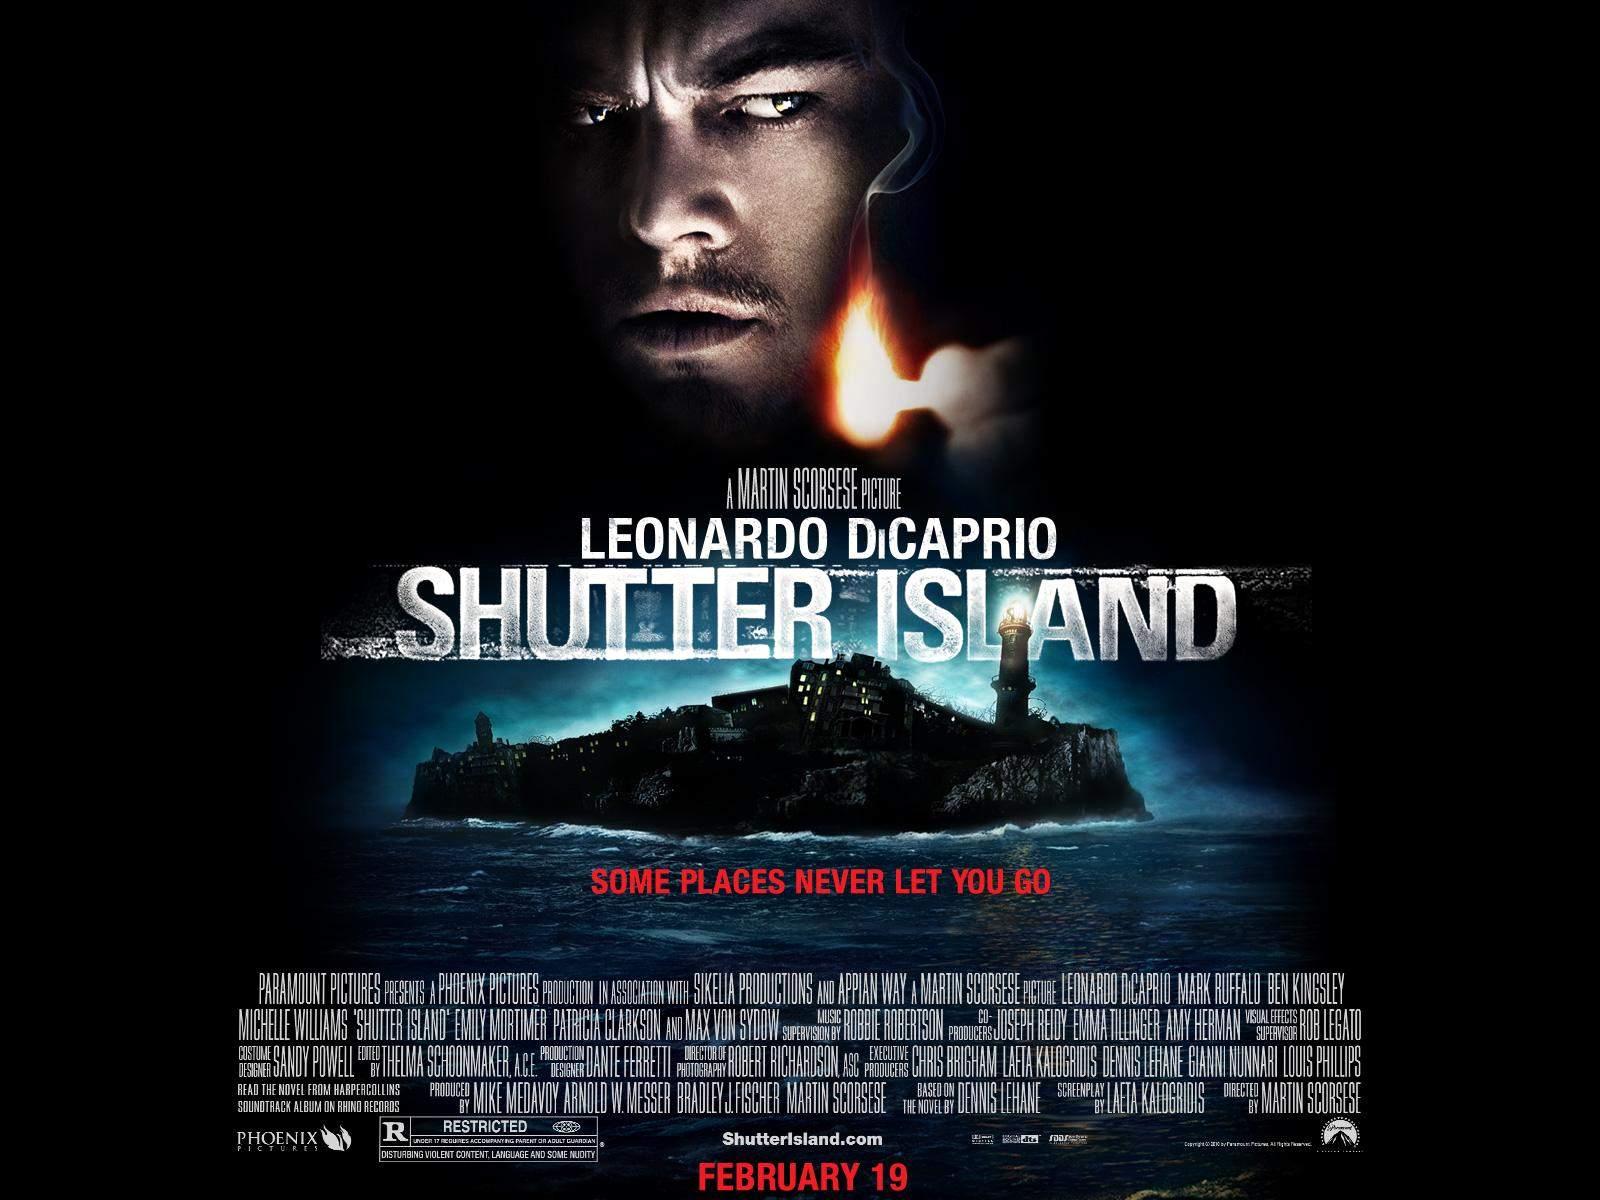 shutter island 01 - En Beklenmedik Sona Sahip Filmler